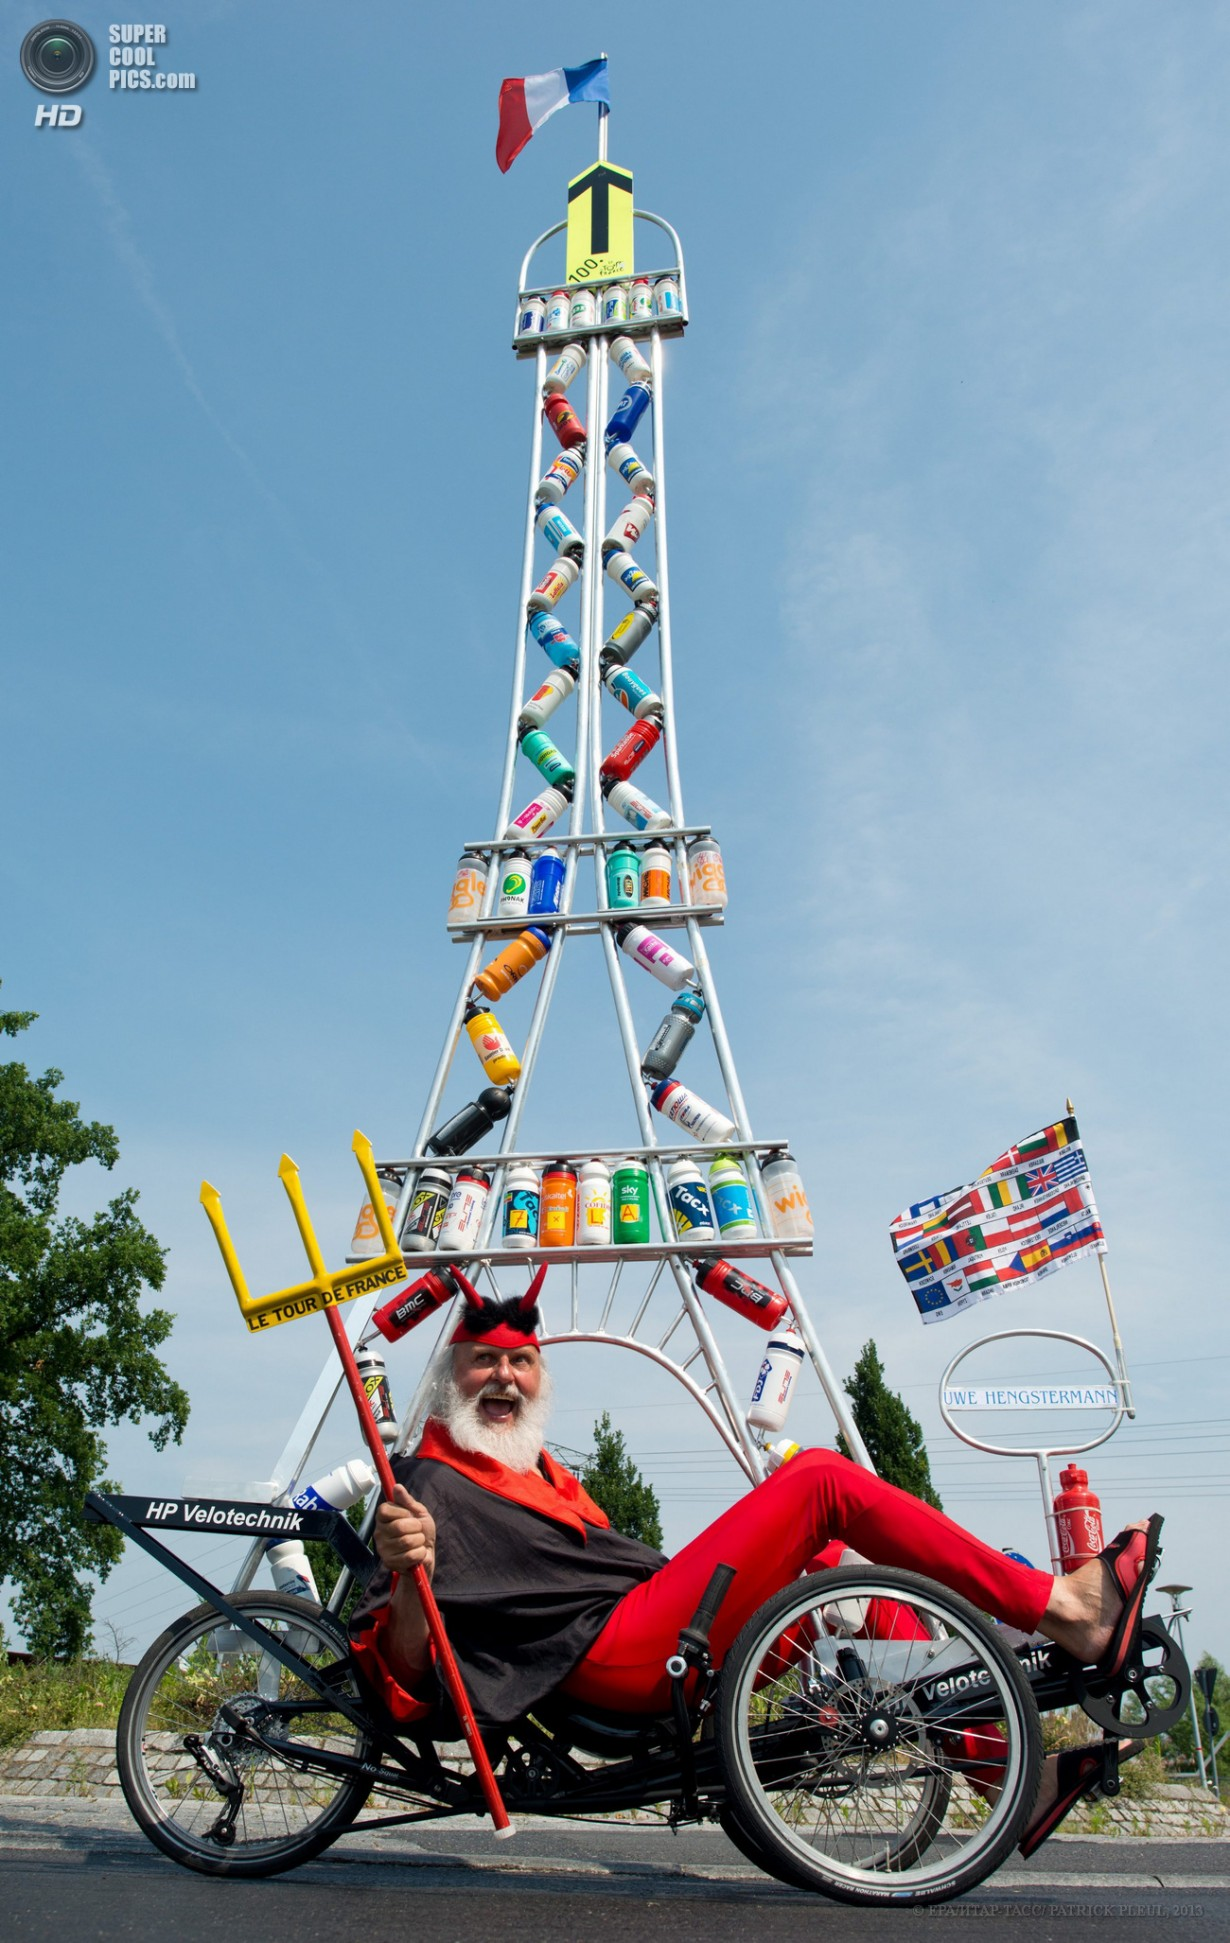 Германия. Шторков, Бранденбург. 20 июня. Диди Зенфт на самодельном велосипеде «Tour Teufel». (EP